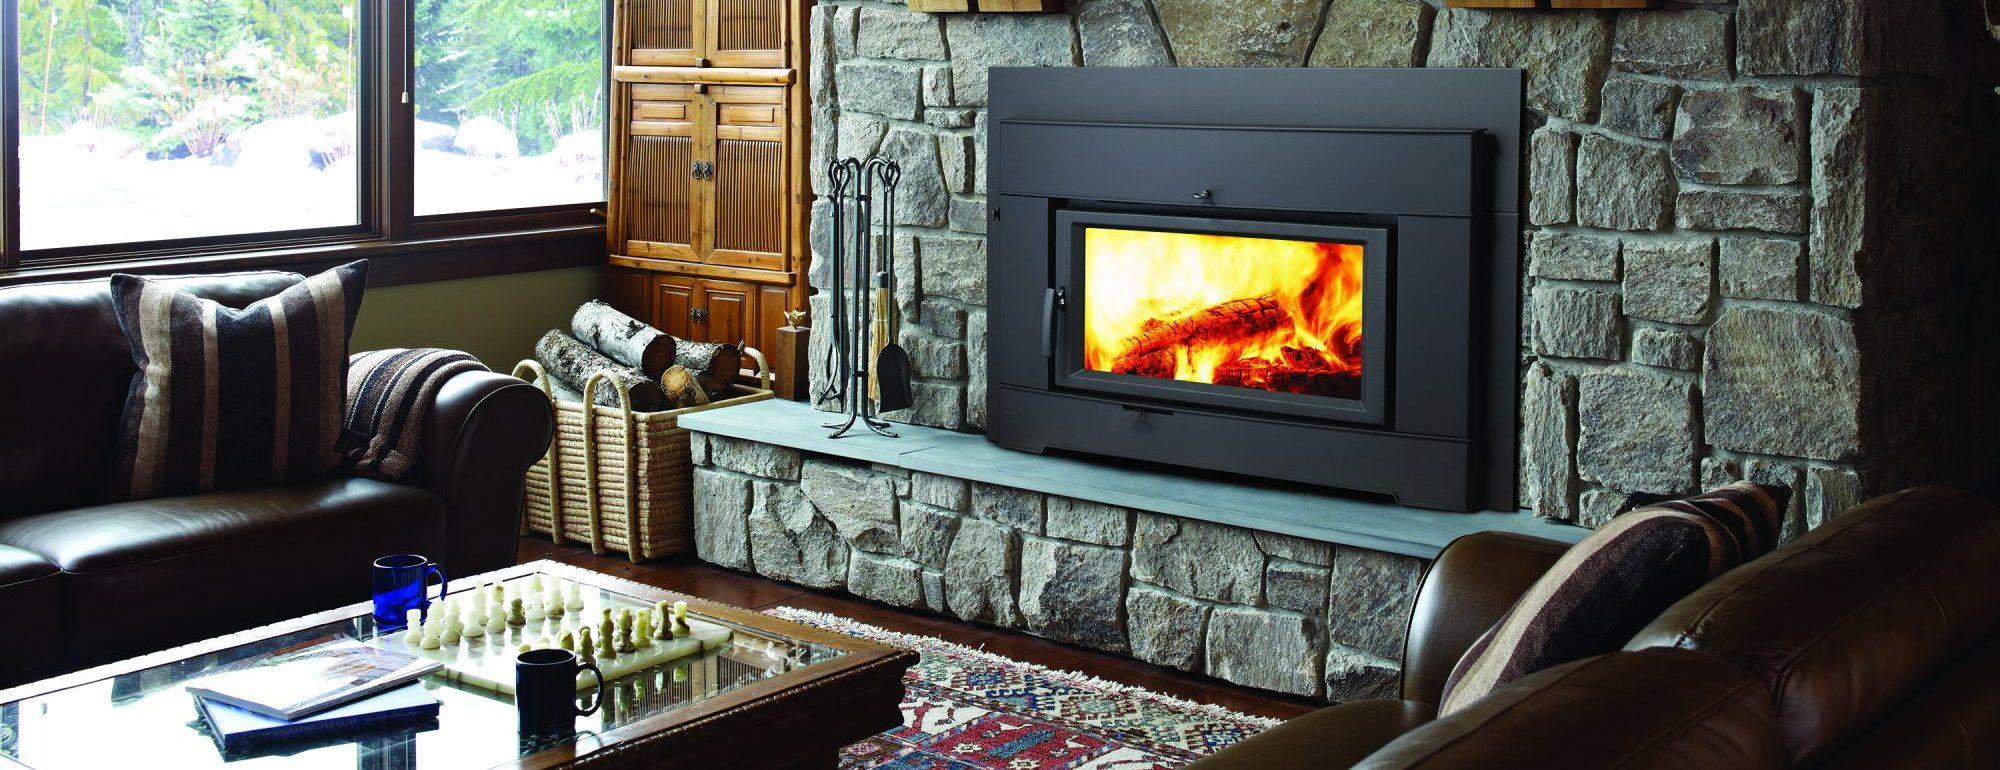 CI2600 Wood Stove